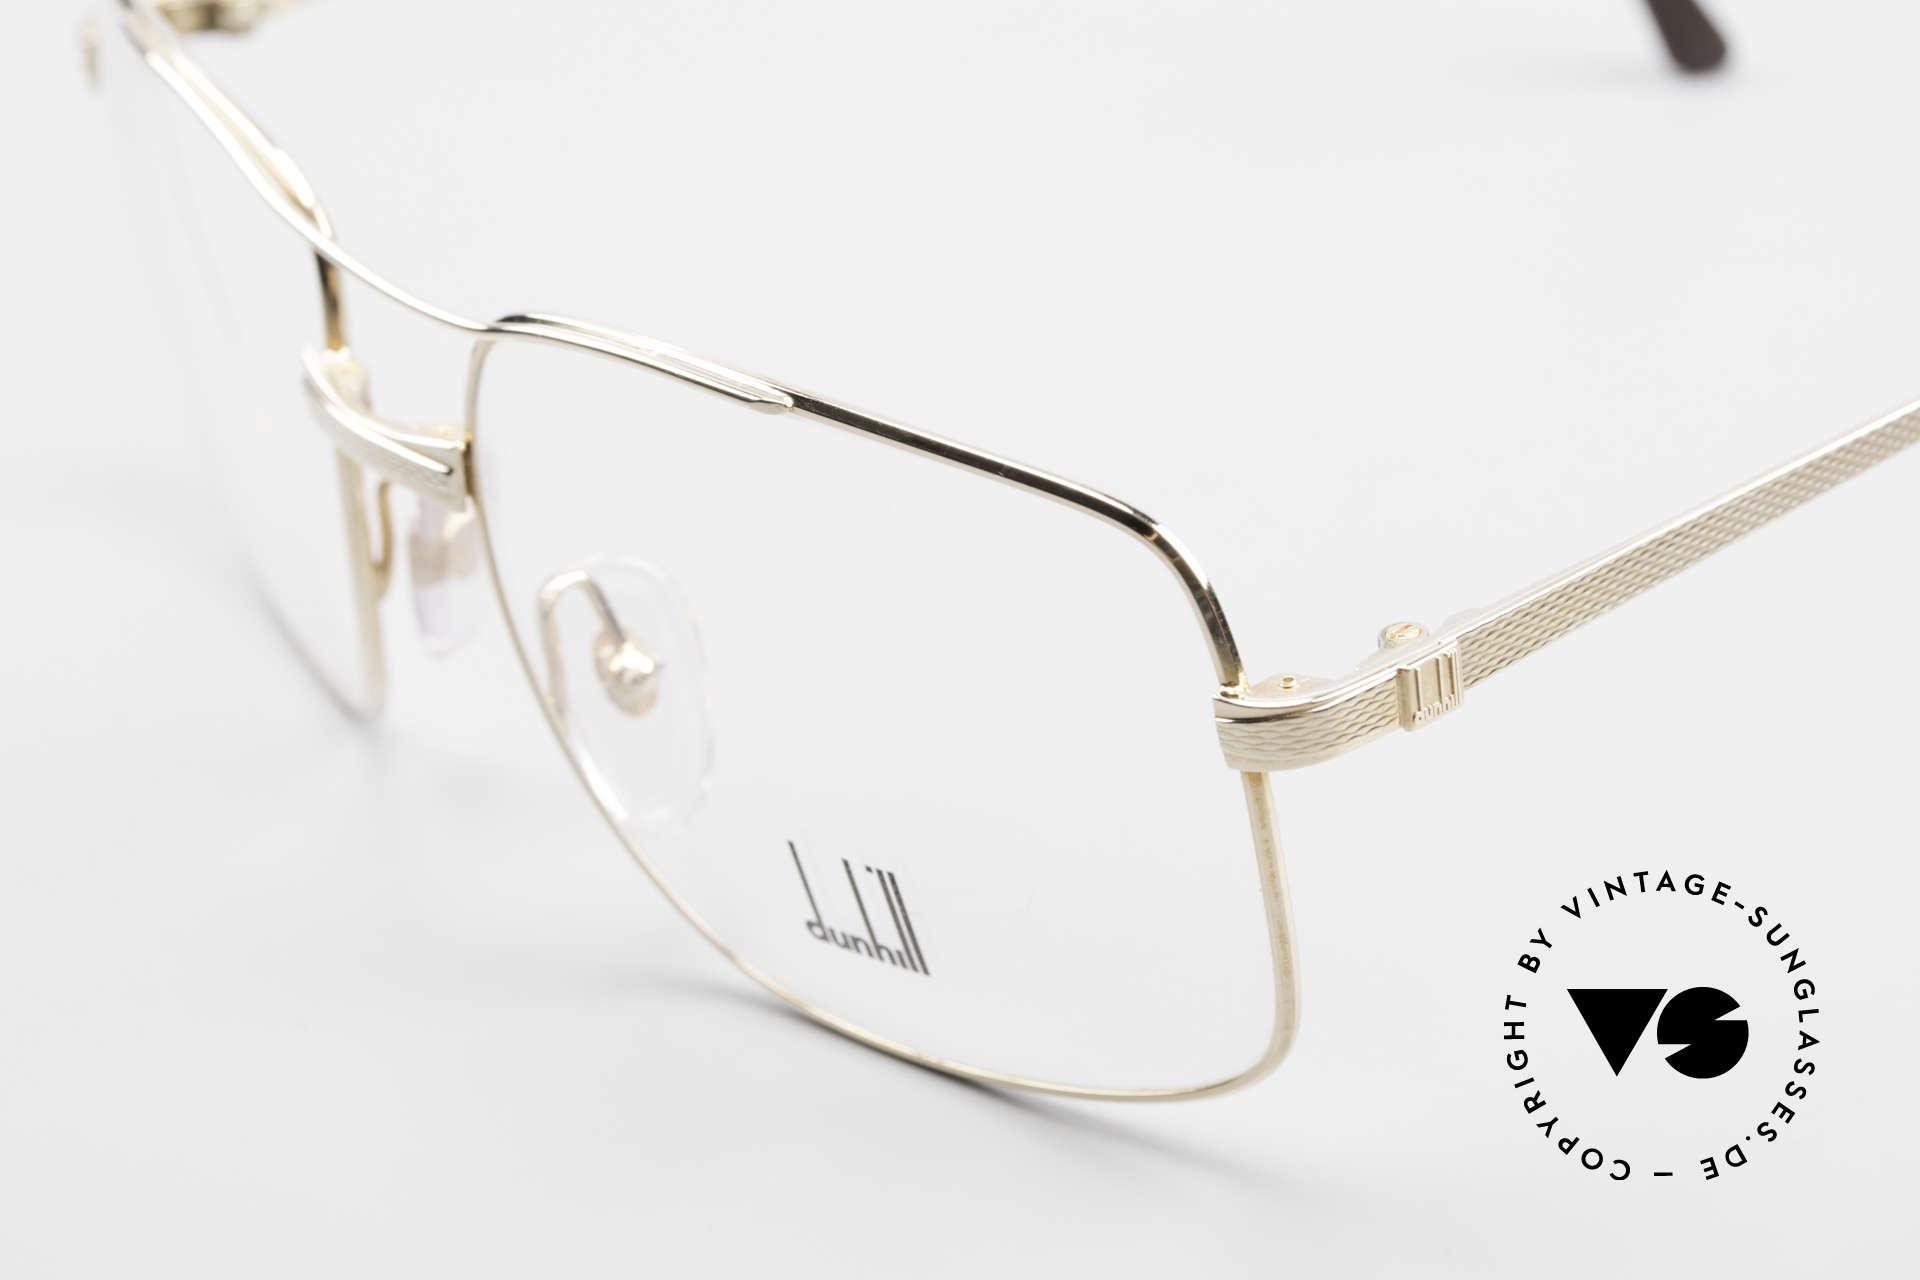 Dunhill 6048 Vergoldete 80er Brille Herren, hartvergoldete Fassung (für die Ewigkeit gemacht), Passend für Herren